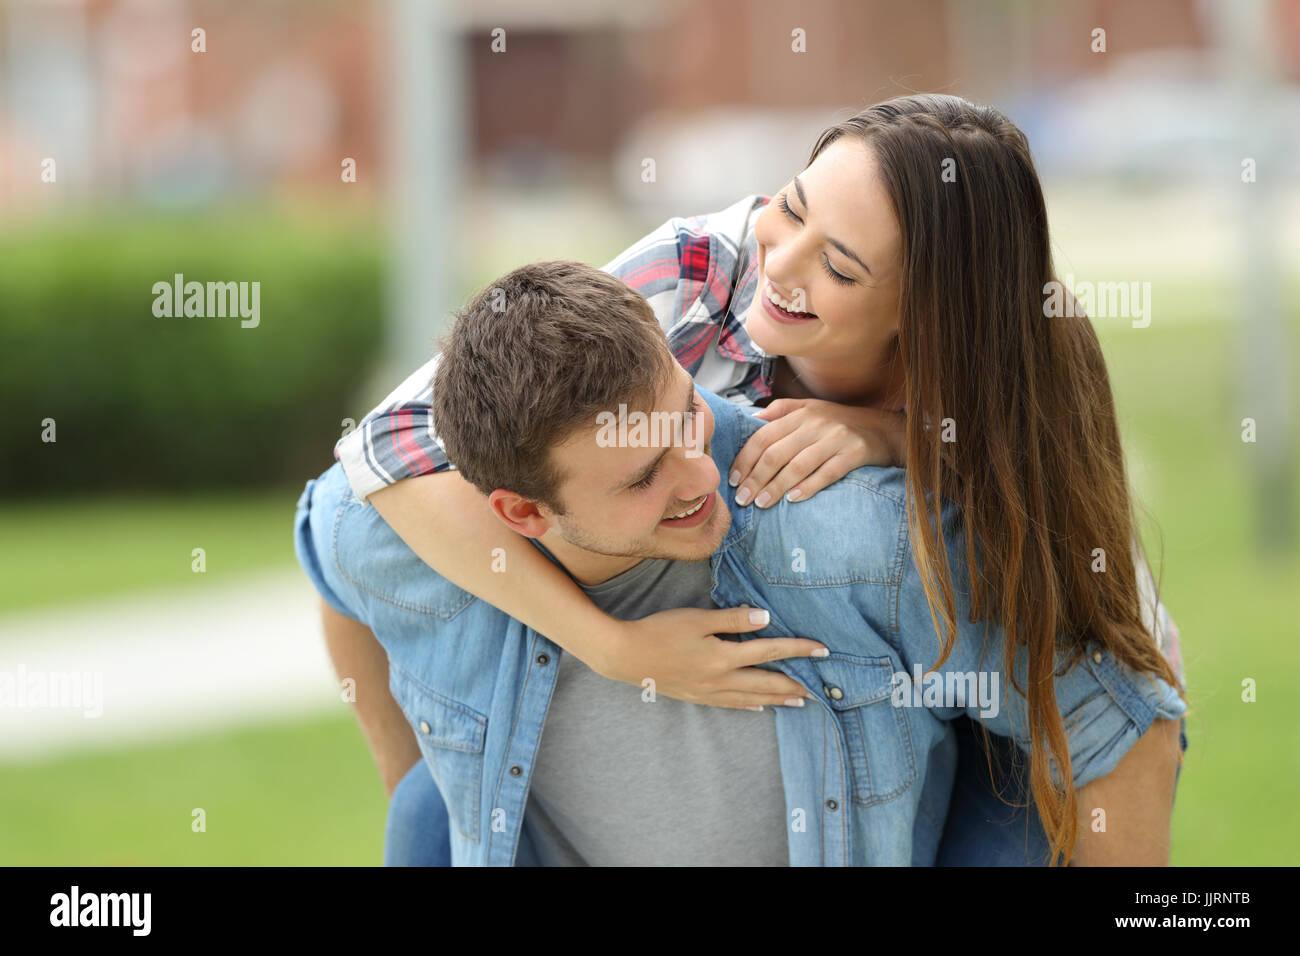 Vorderansicht des ein glückliches Paar Teens Spaß zusammen Huckepack im Freien in einem Park mit einem grünen Hintergrund Stockfoto